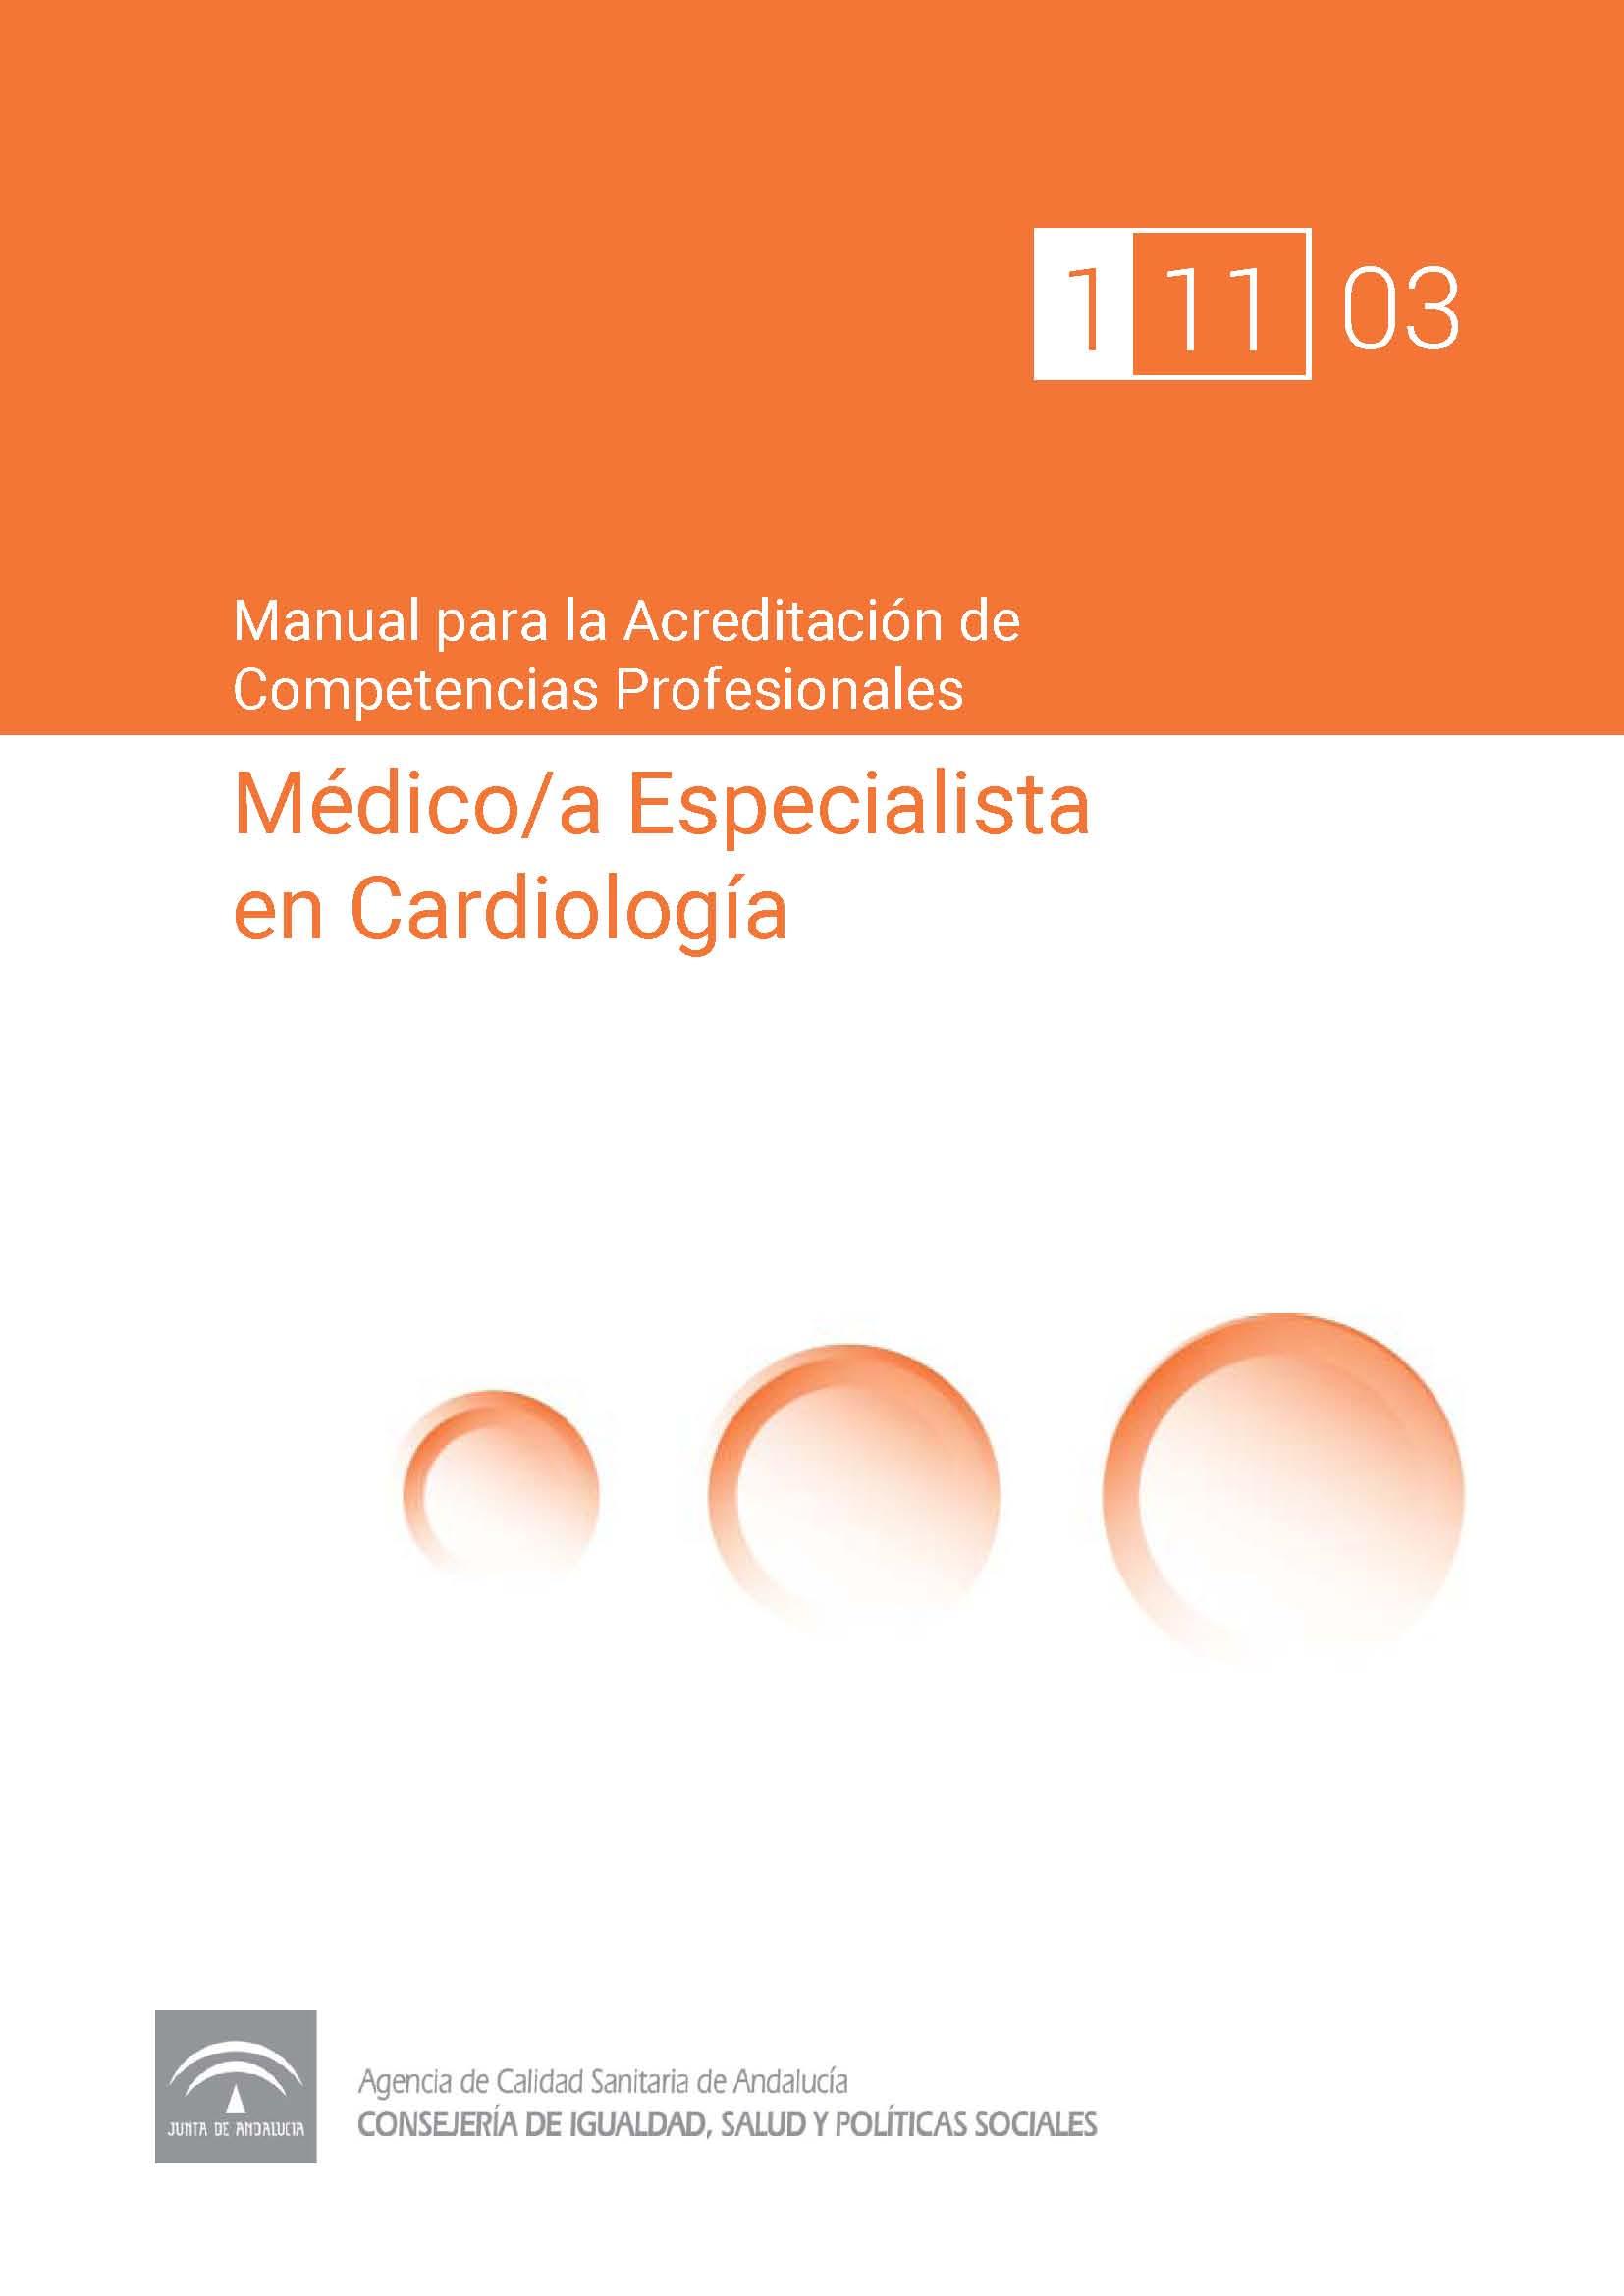 Manual de competencias profesionales del/de la Médico/a Especialista en Cardiología